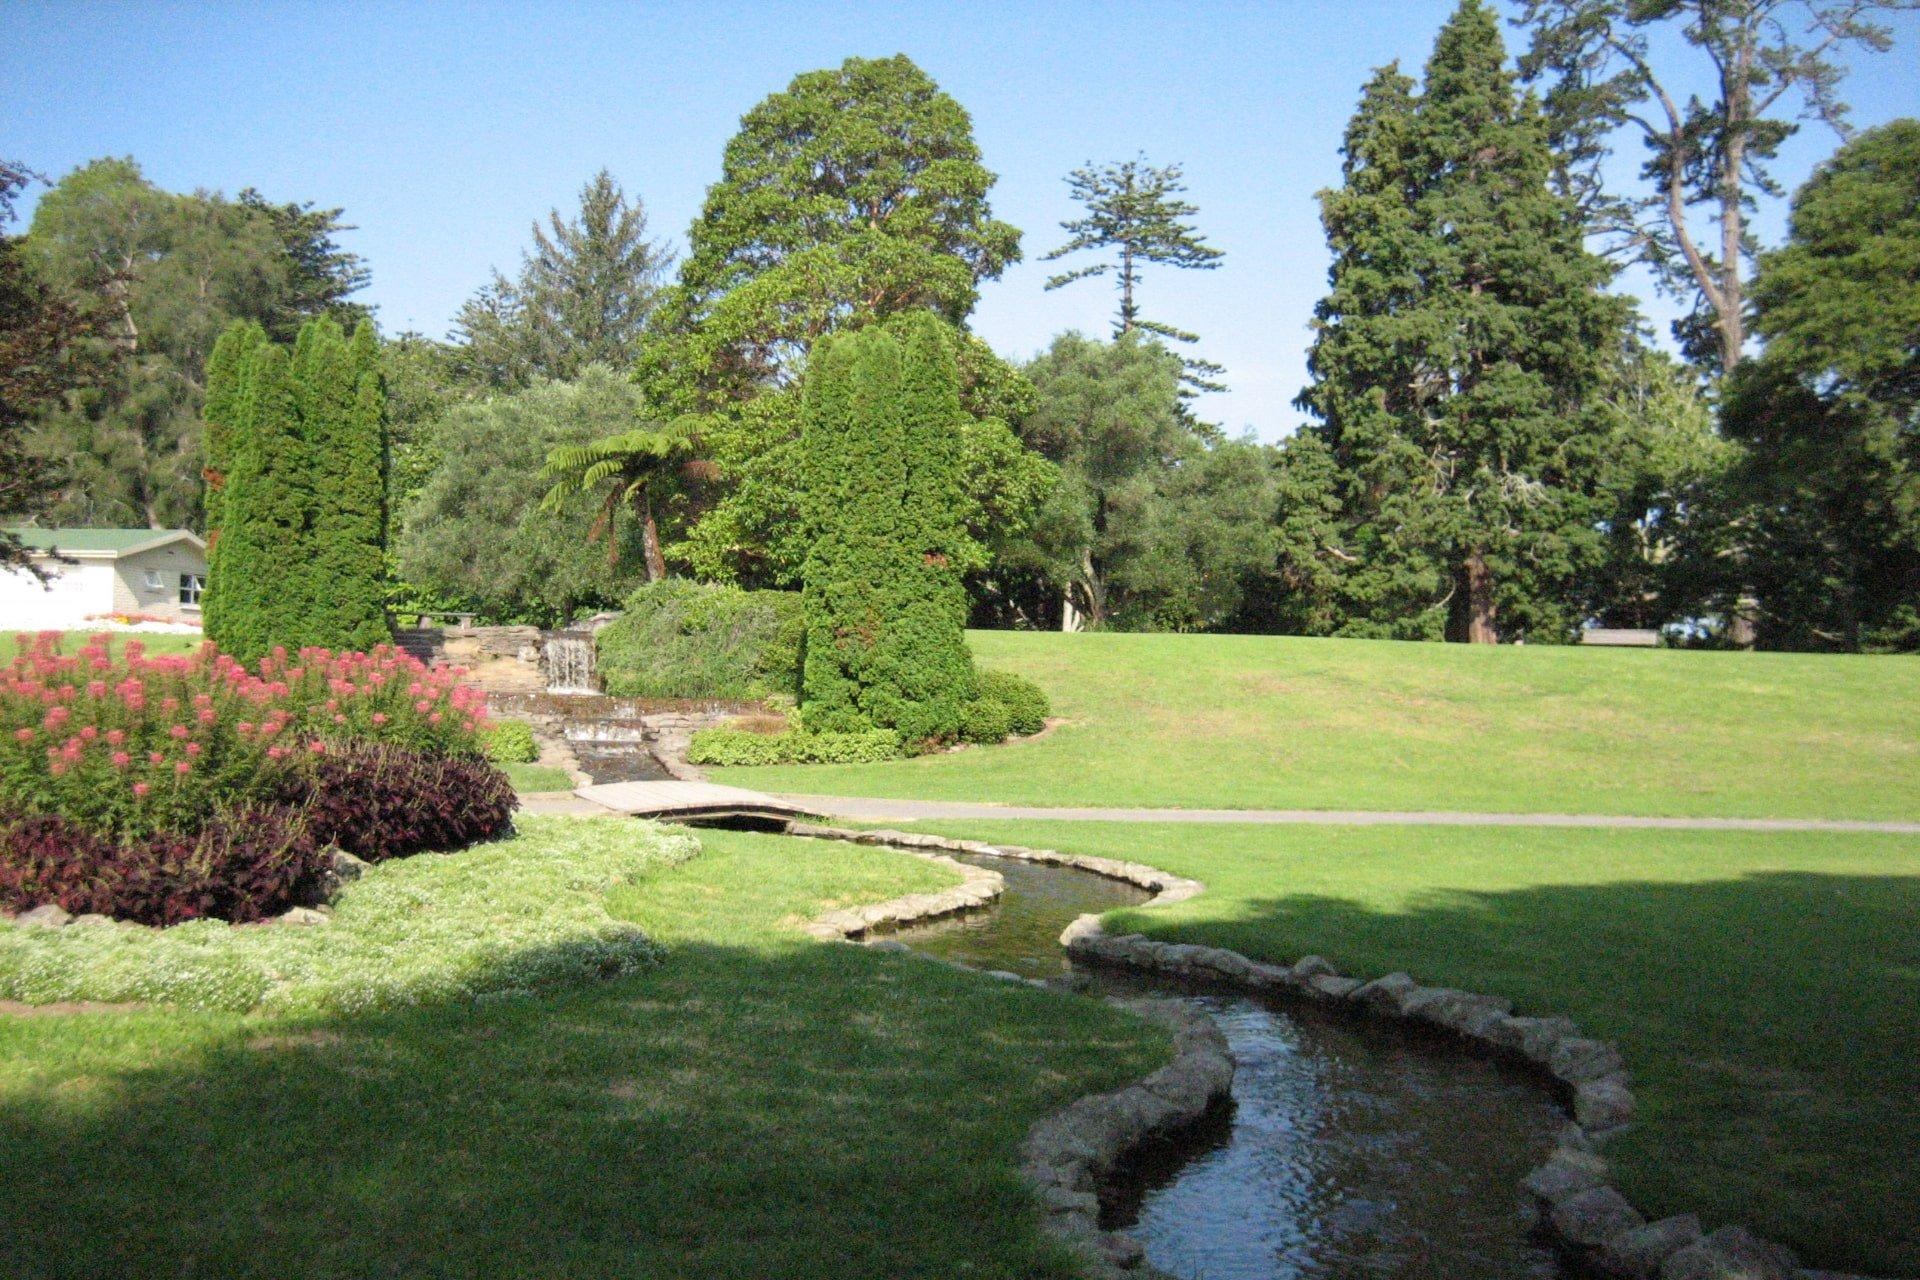 Yatton Park in Tauranga